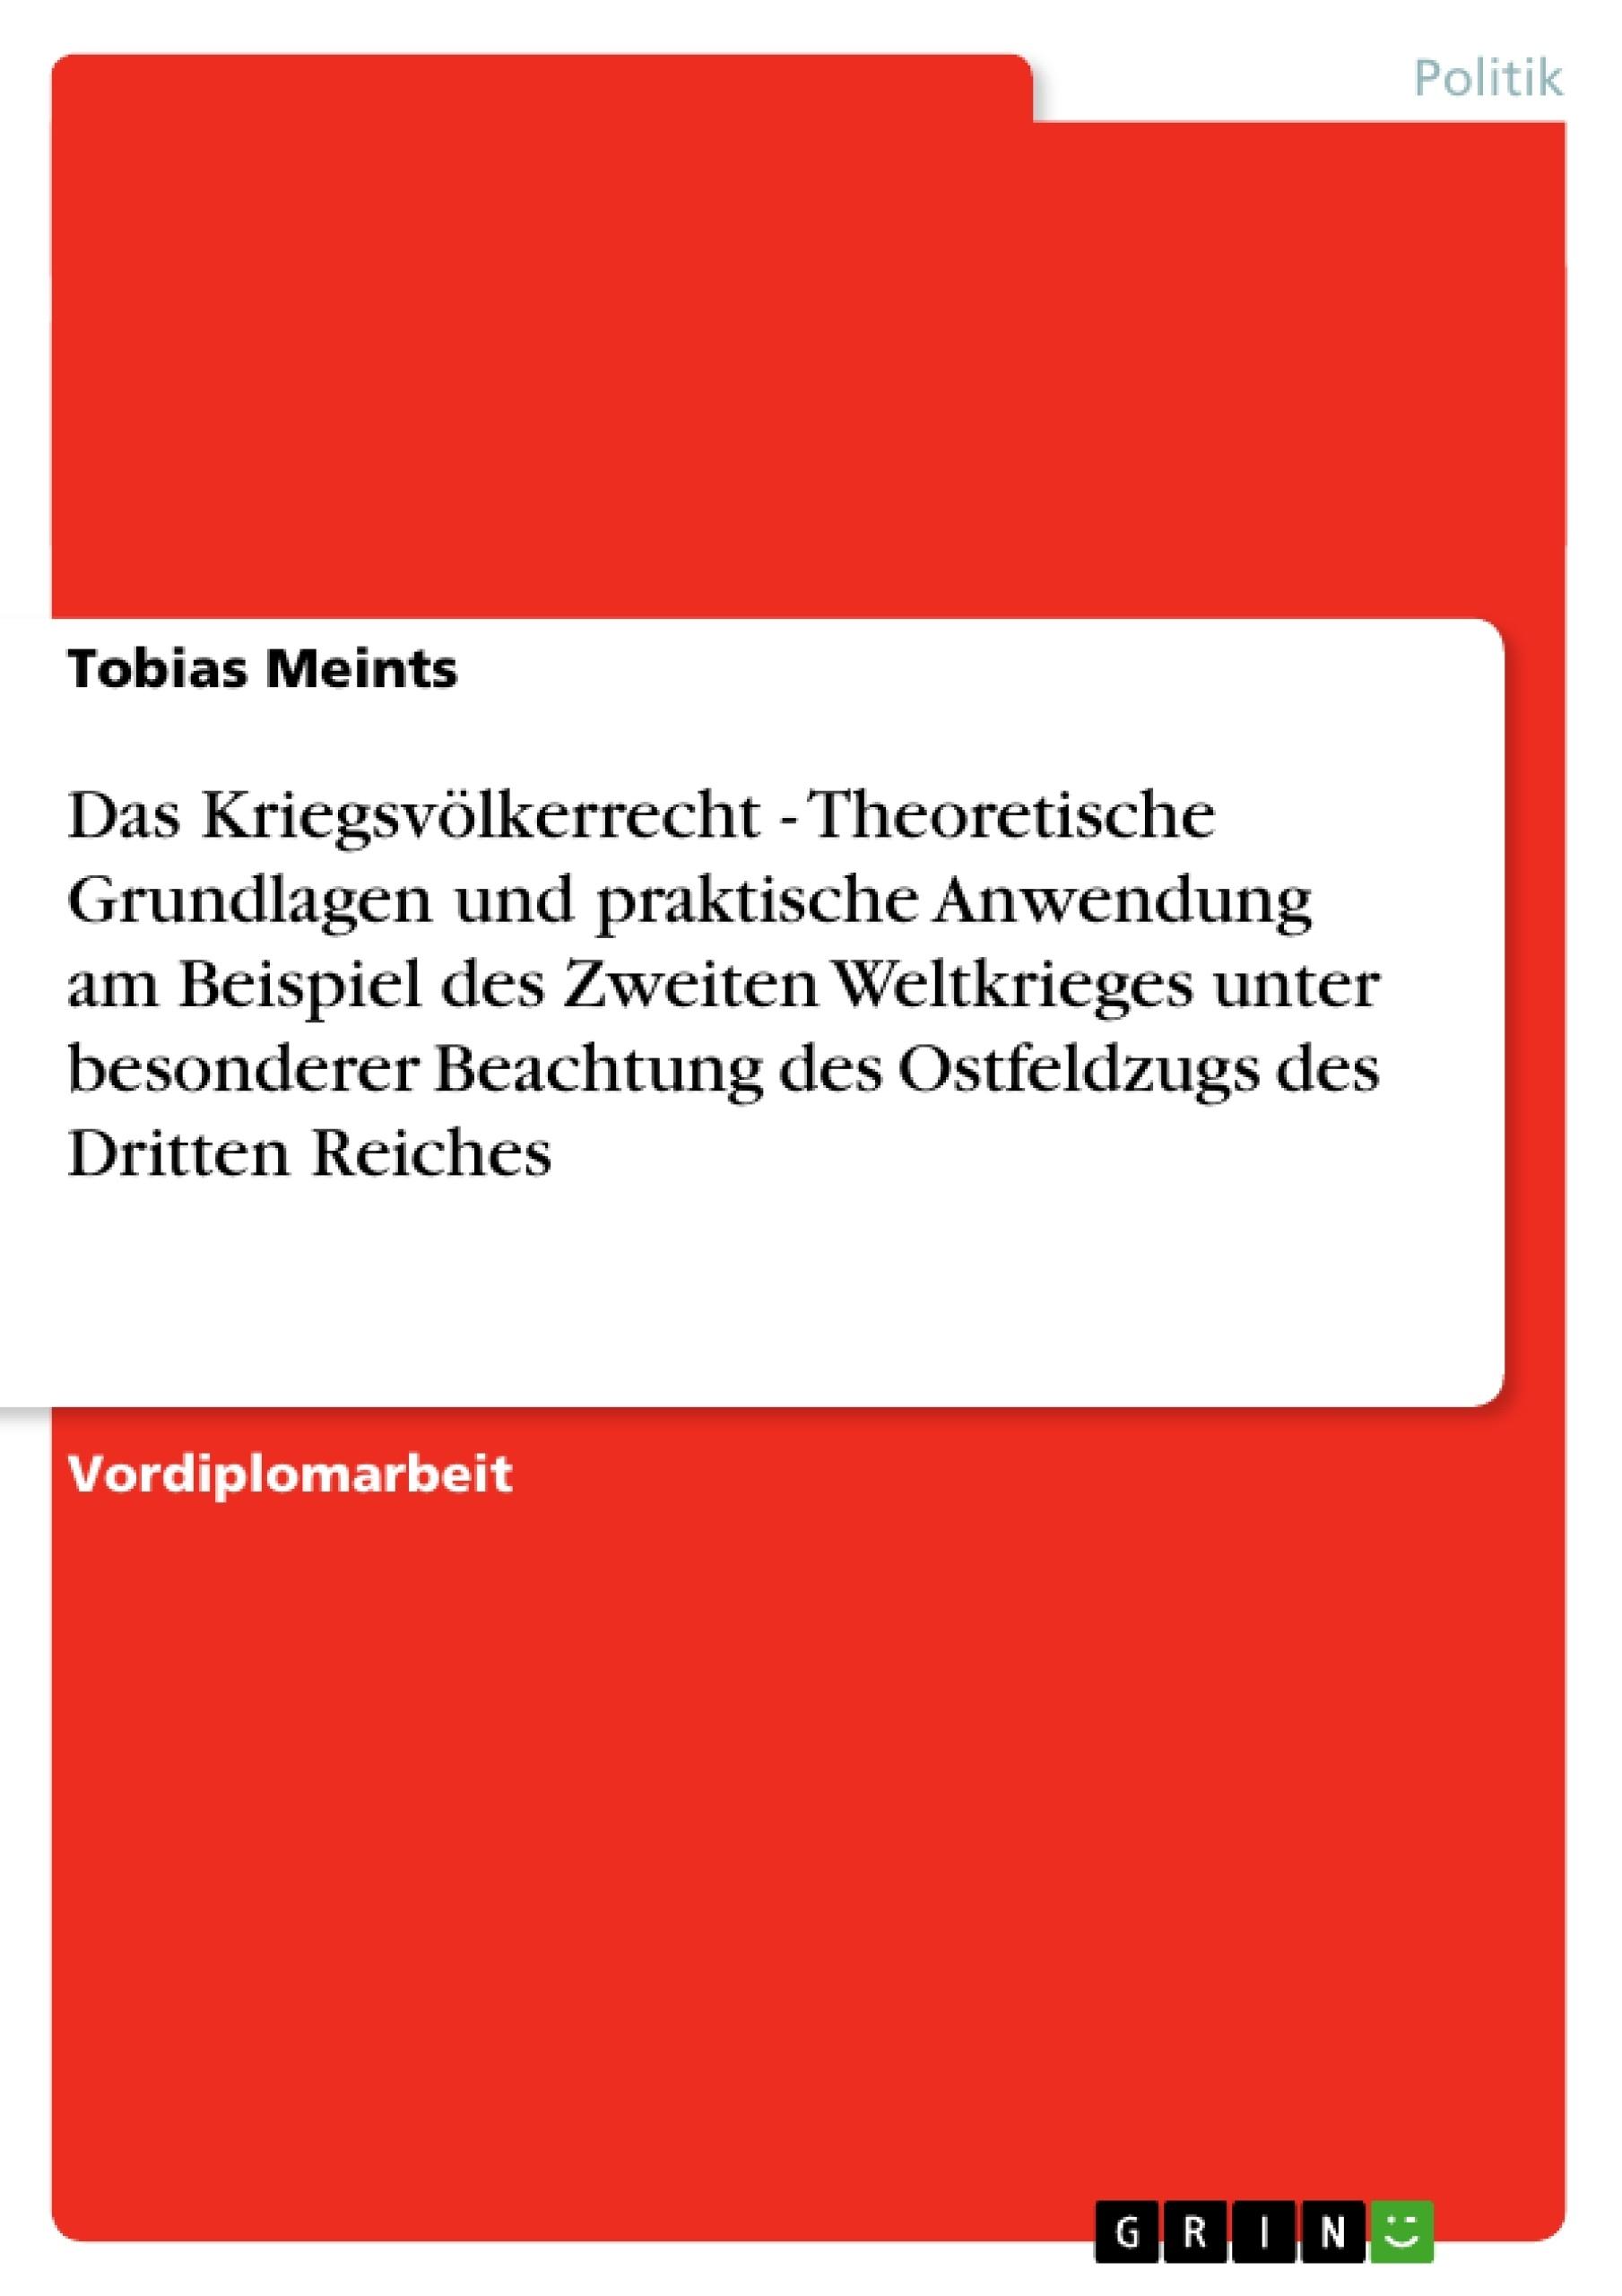 Titel:  Das Kriegsvölkerrecht - Theoretische Grundlagen und praktische Anwendung am Beispiel des Zweiten Weltkrieges unter besonderer Beachtung des Ostfeldzugs des Dritten Reiches